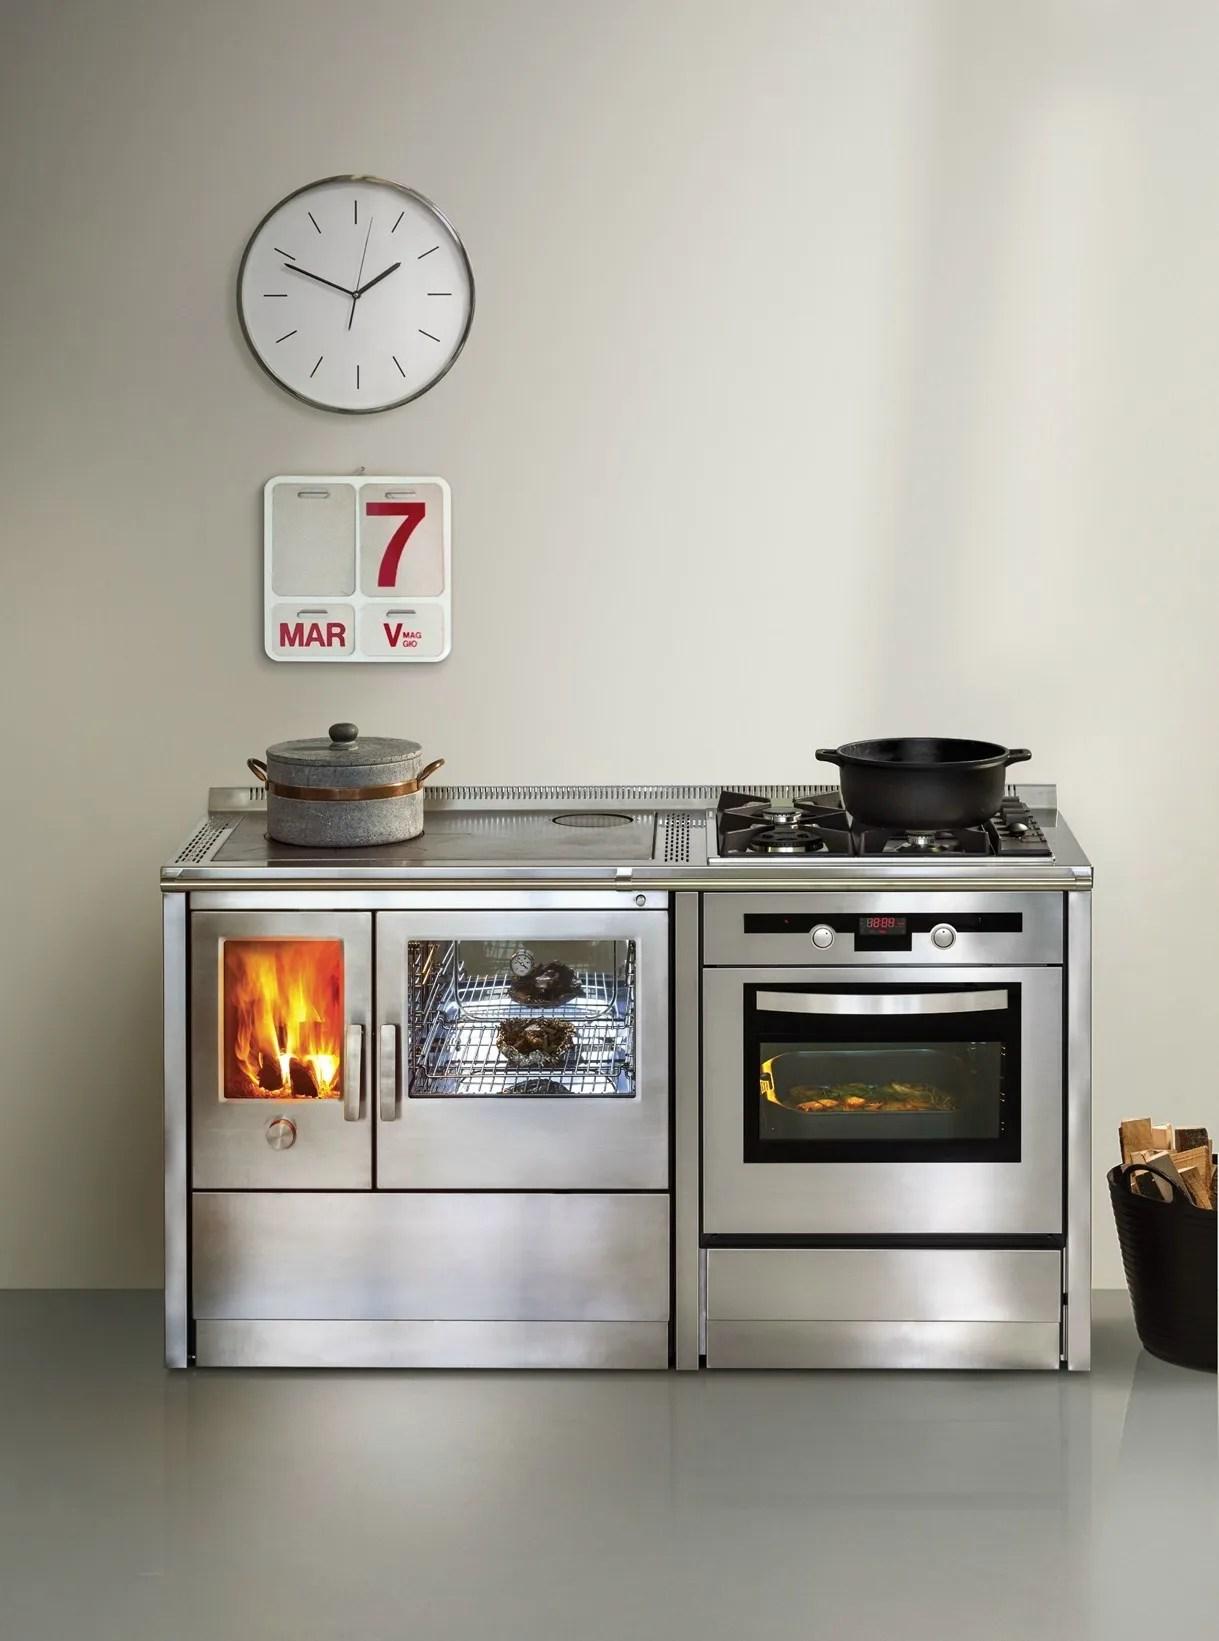 Cucina Combinata Induzione Gas | Forno Cucina Forno Cucina With ...